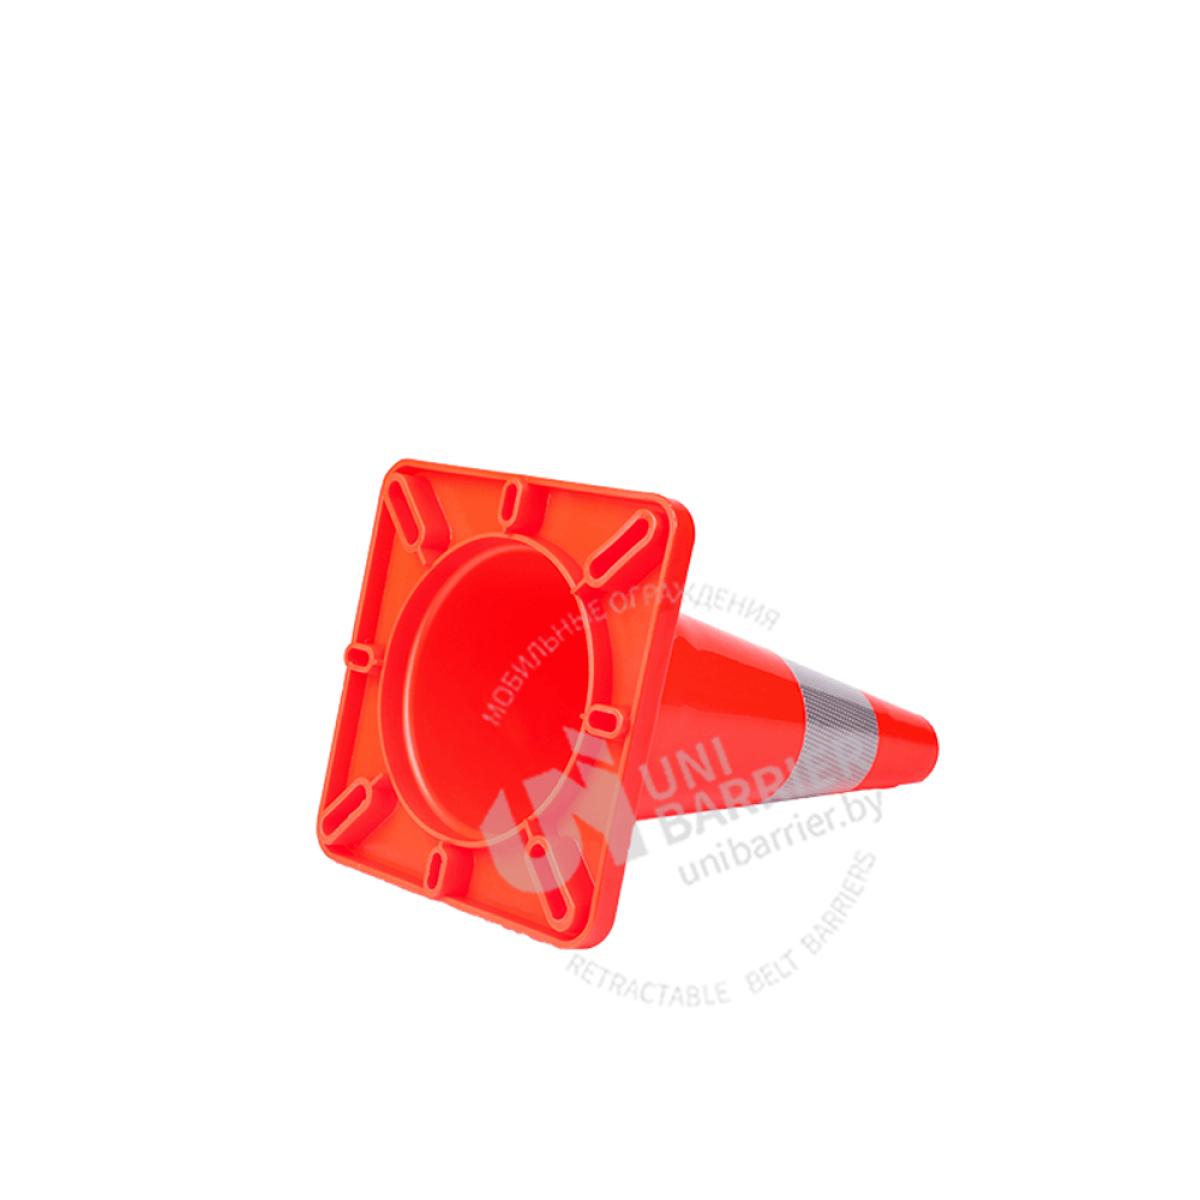 981010 Конус дорожный гибкий со светоотражающей полосой 30 см